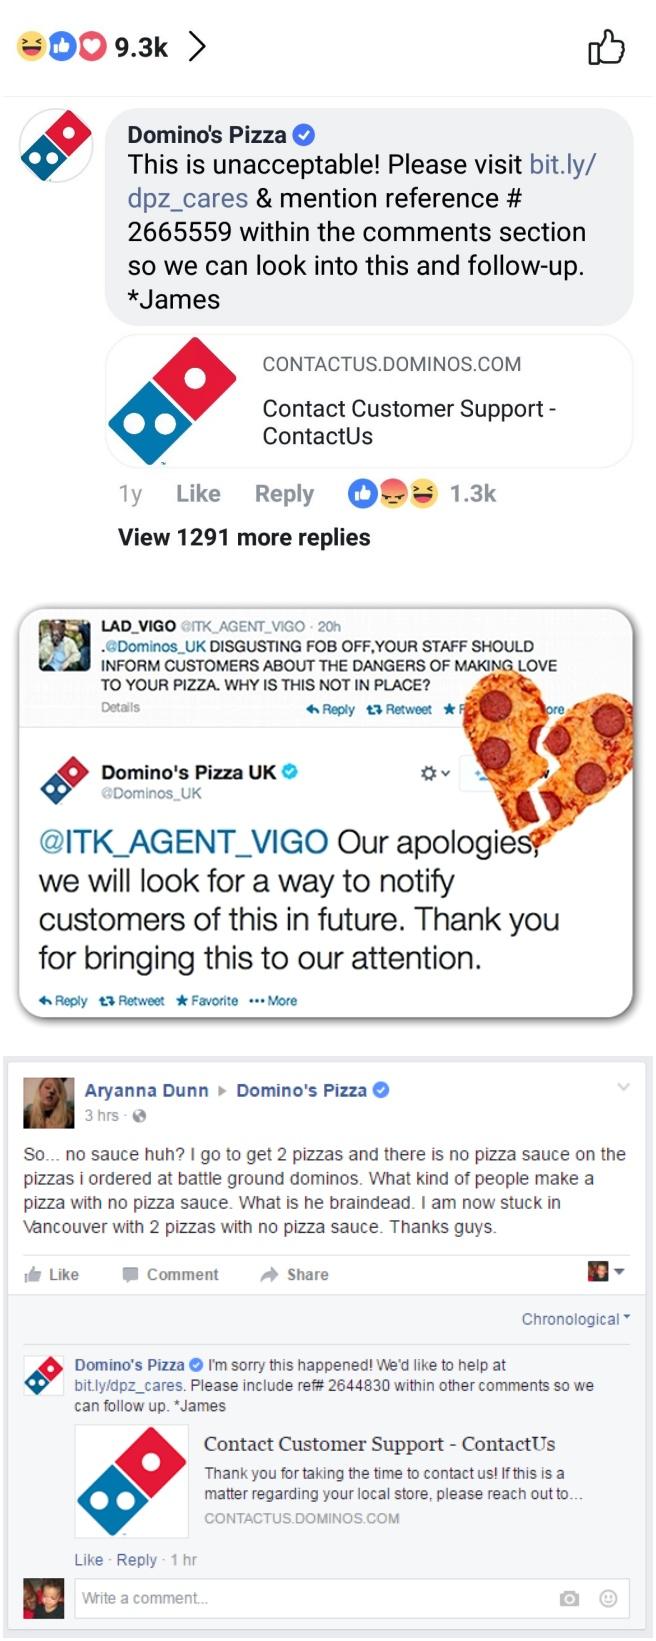 도미노피자 소셜미디어 위기 관리를 위해 사과 영상을 소개하는 트윗과 항의 고객에 사과하는 트윗, Domino pizza tweet